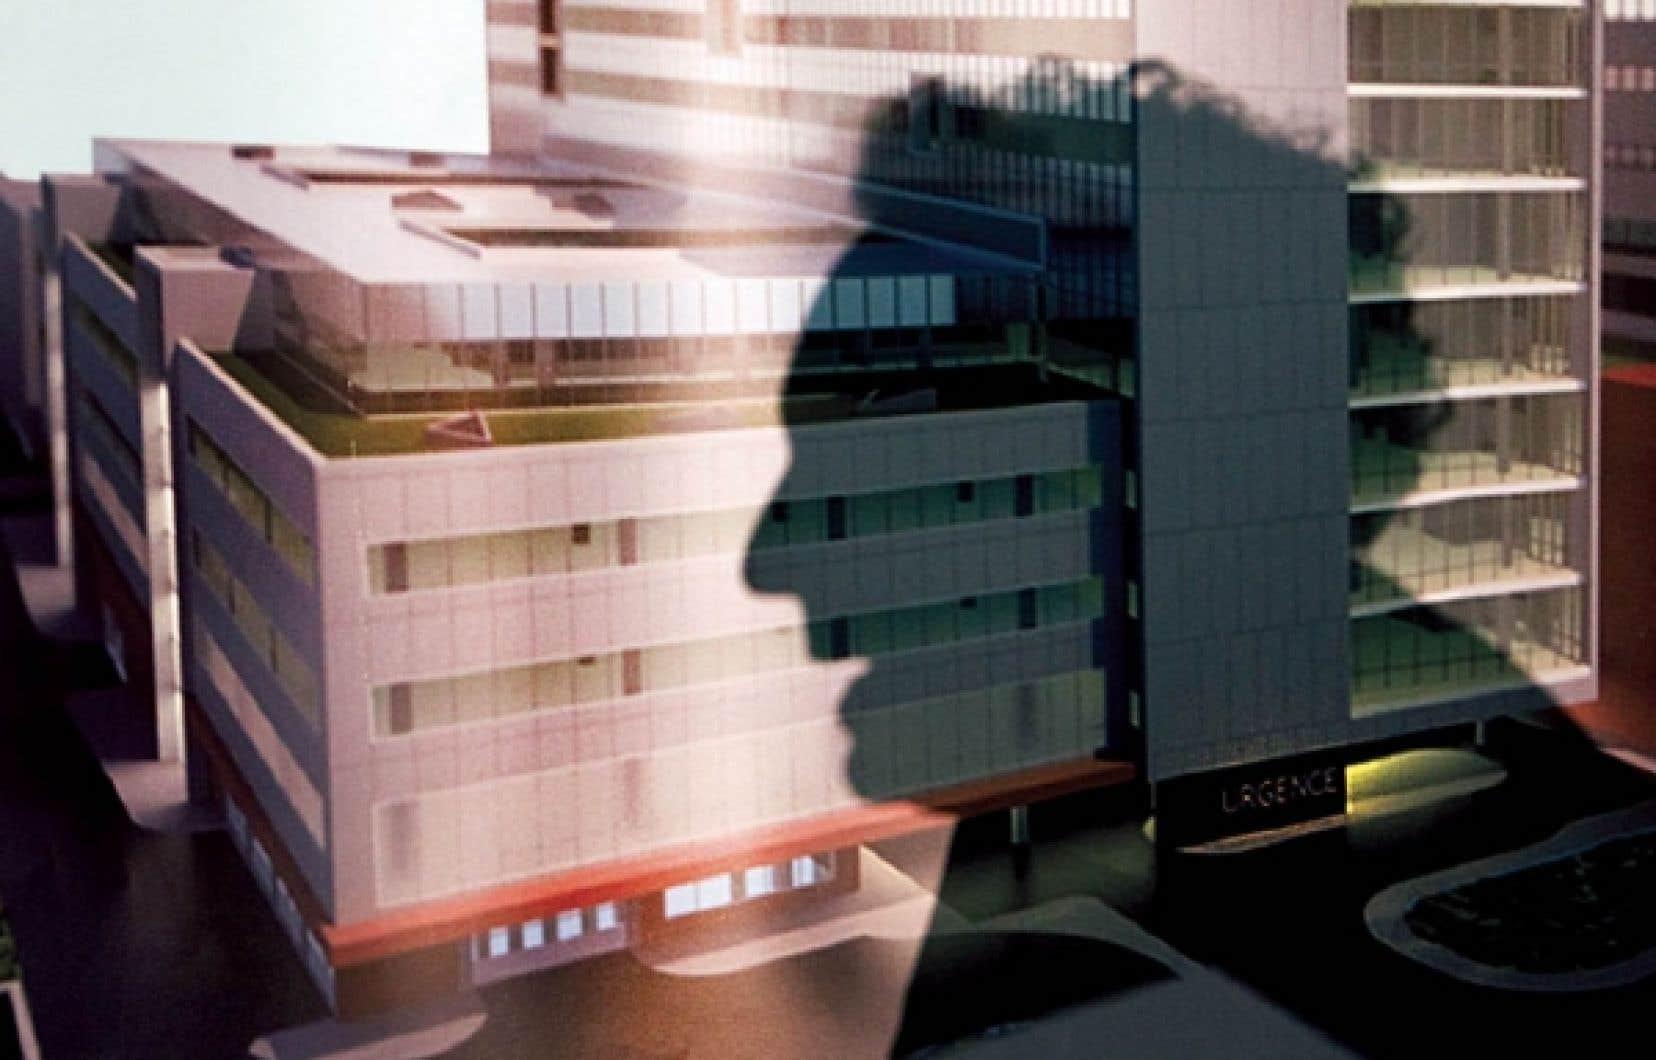 Le CHUM est-il vraiment une &laquo;trag&eacute;die qu&eacute;b&eacute;coise&raquo;? Apr&egrave;s tout, il y aura bel et bien un nouveau centre hospitalier, et plusieurs acteurs au centre du processus soutiennent le projet. Sur la photo: l&rsquo;ombre de Jean Charest sur une maquette du futur CHUM.<br />